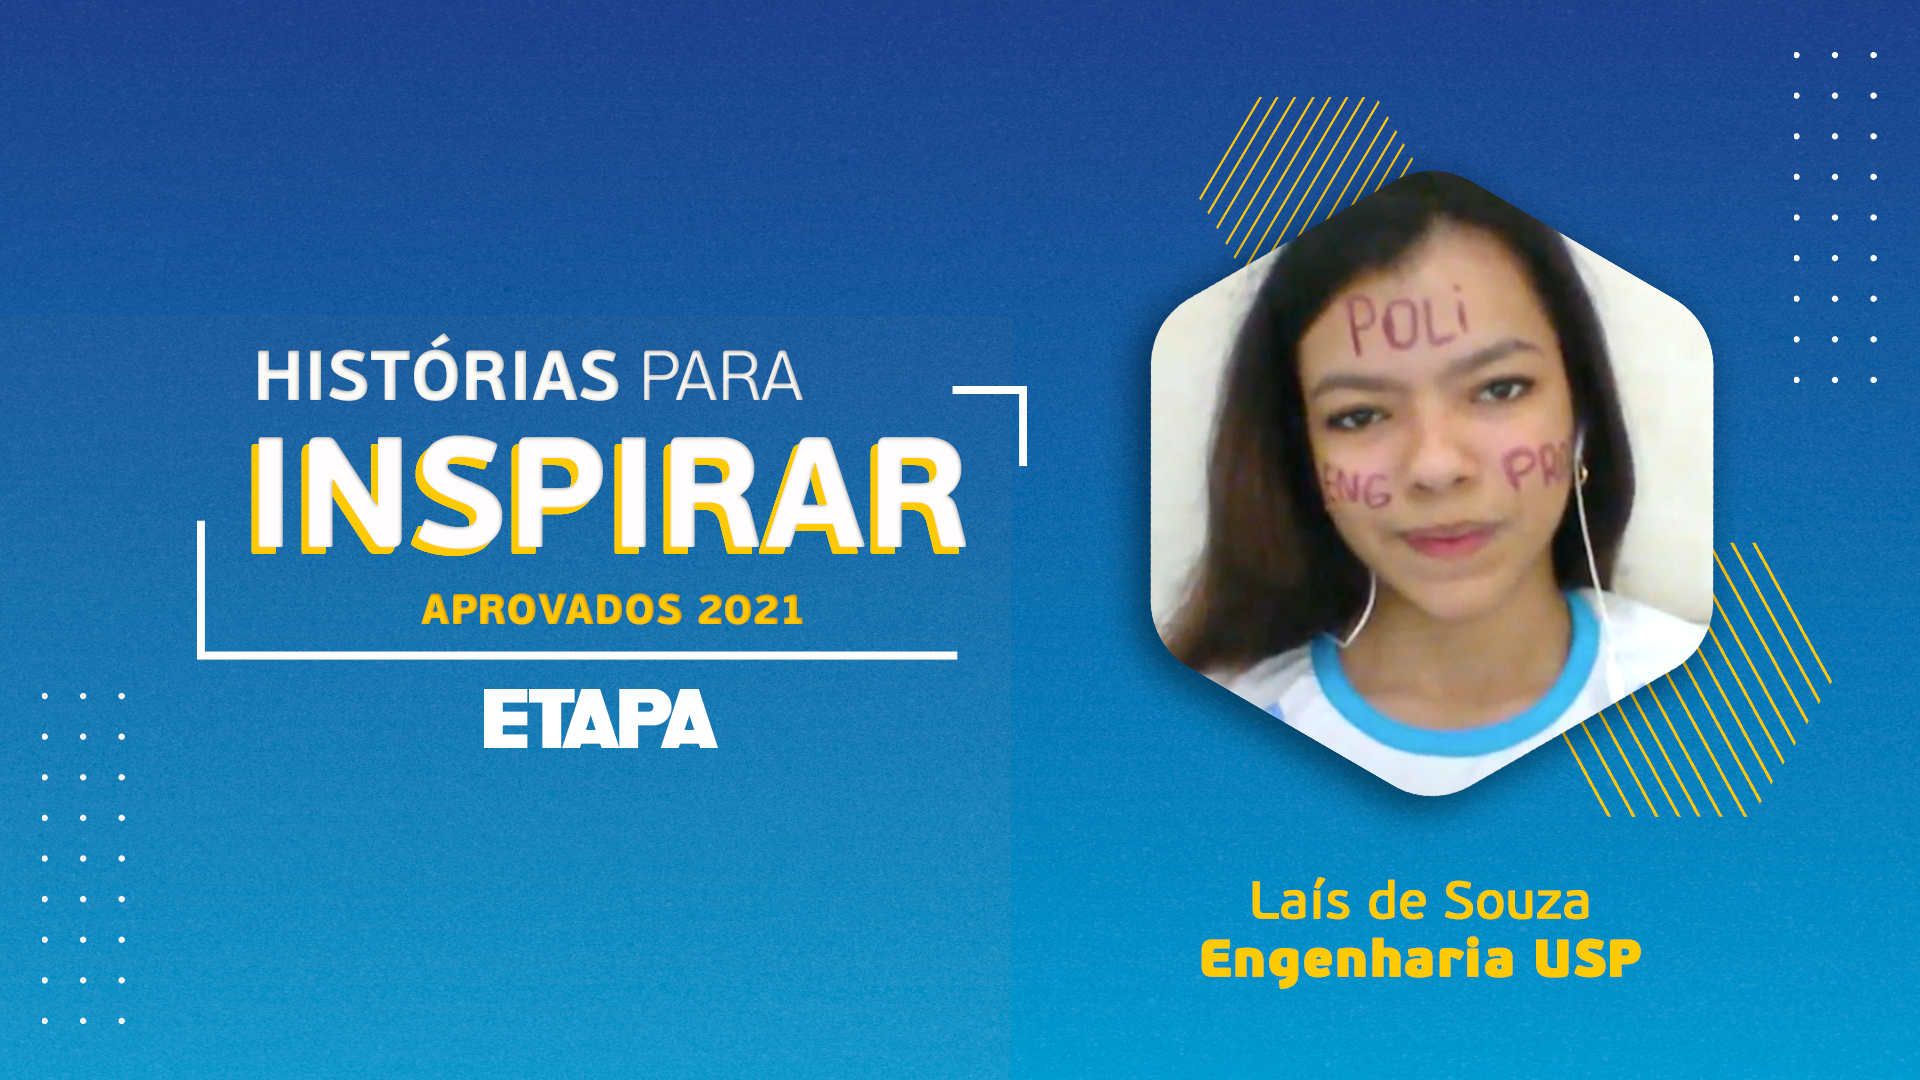 Laís de Souza afirma que o Reforço para Engenharia (RPE) do Curso Etapa foi essencial para sua aprovação.